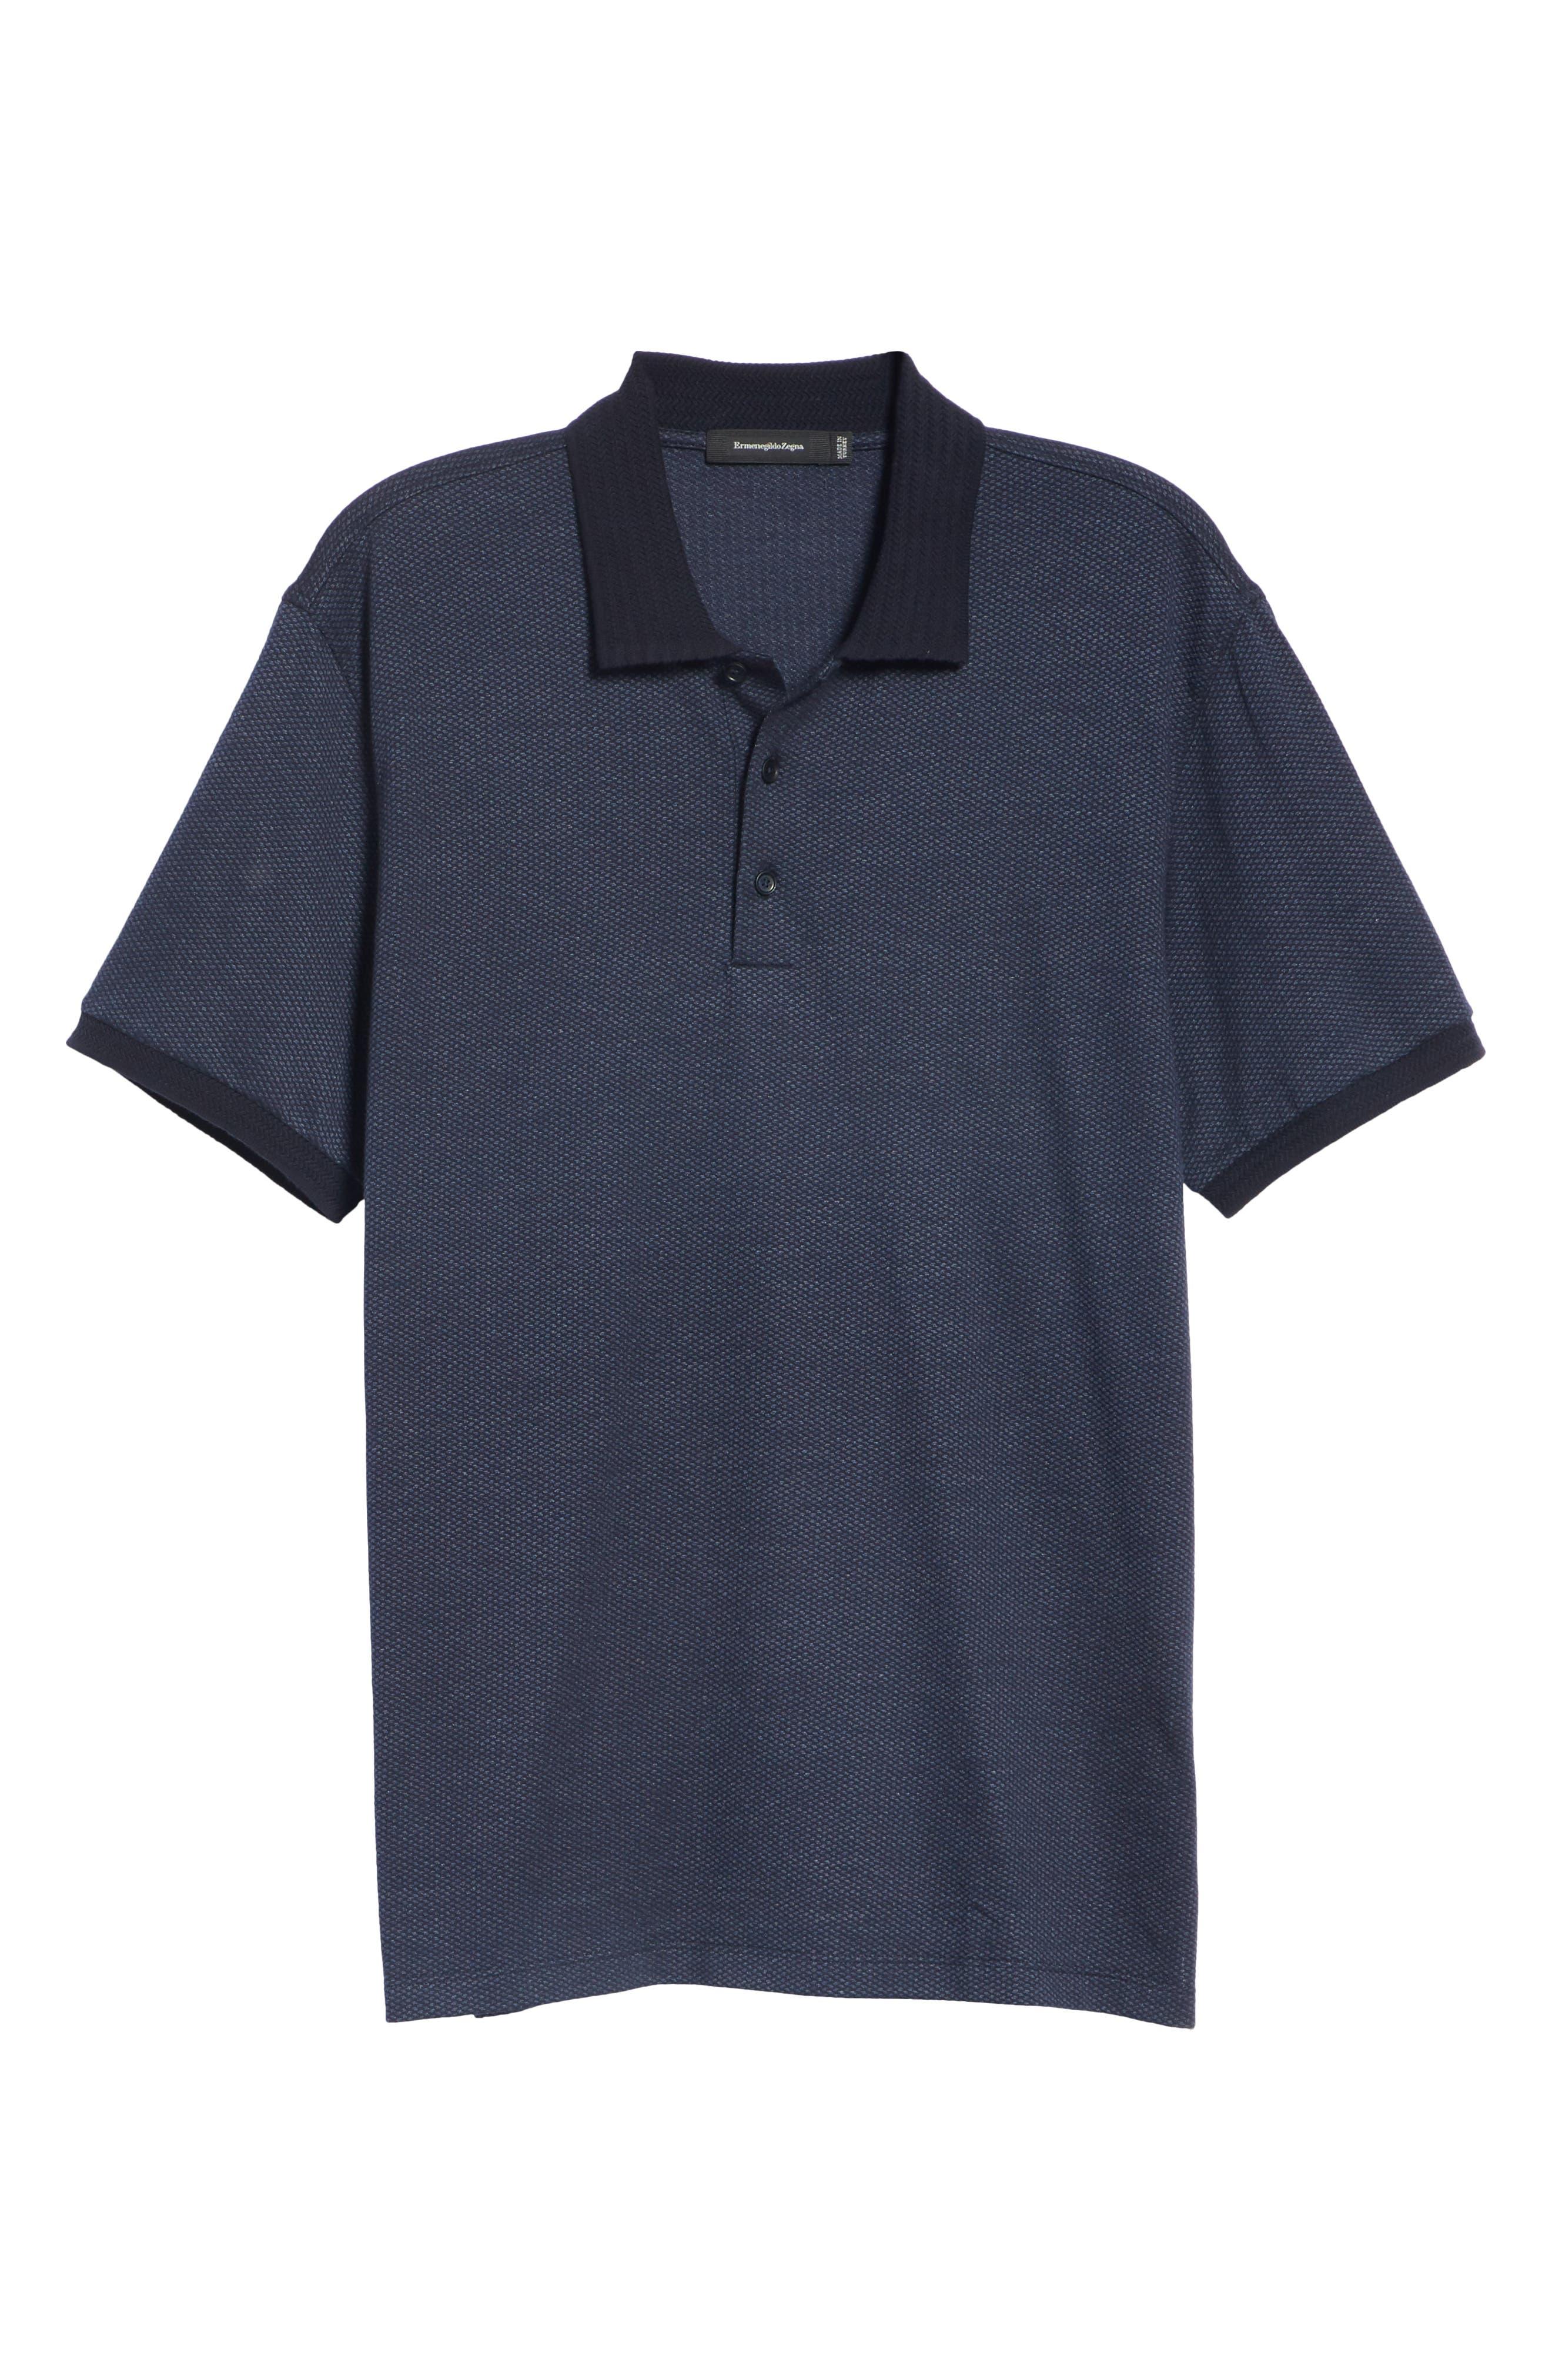 Cotton & Silk Polo Shirt,                             Alternate thumbnail 6, color,                             NAVY